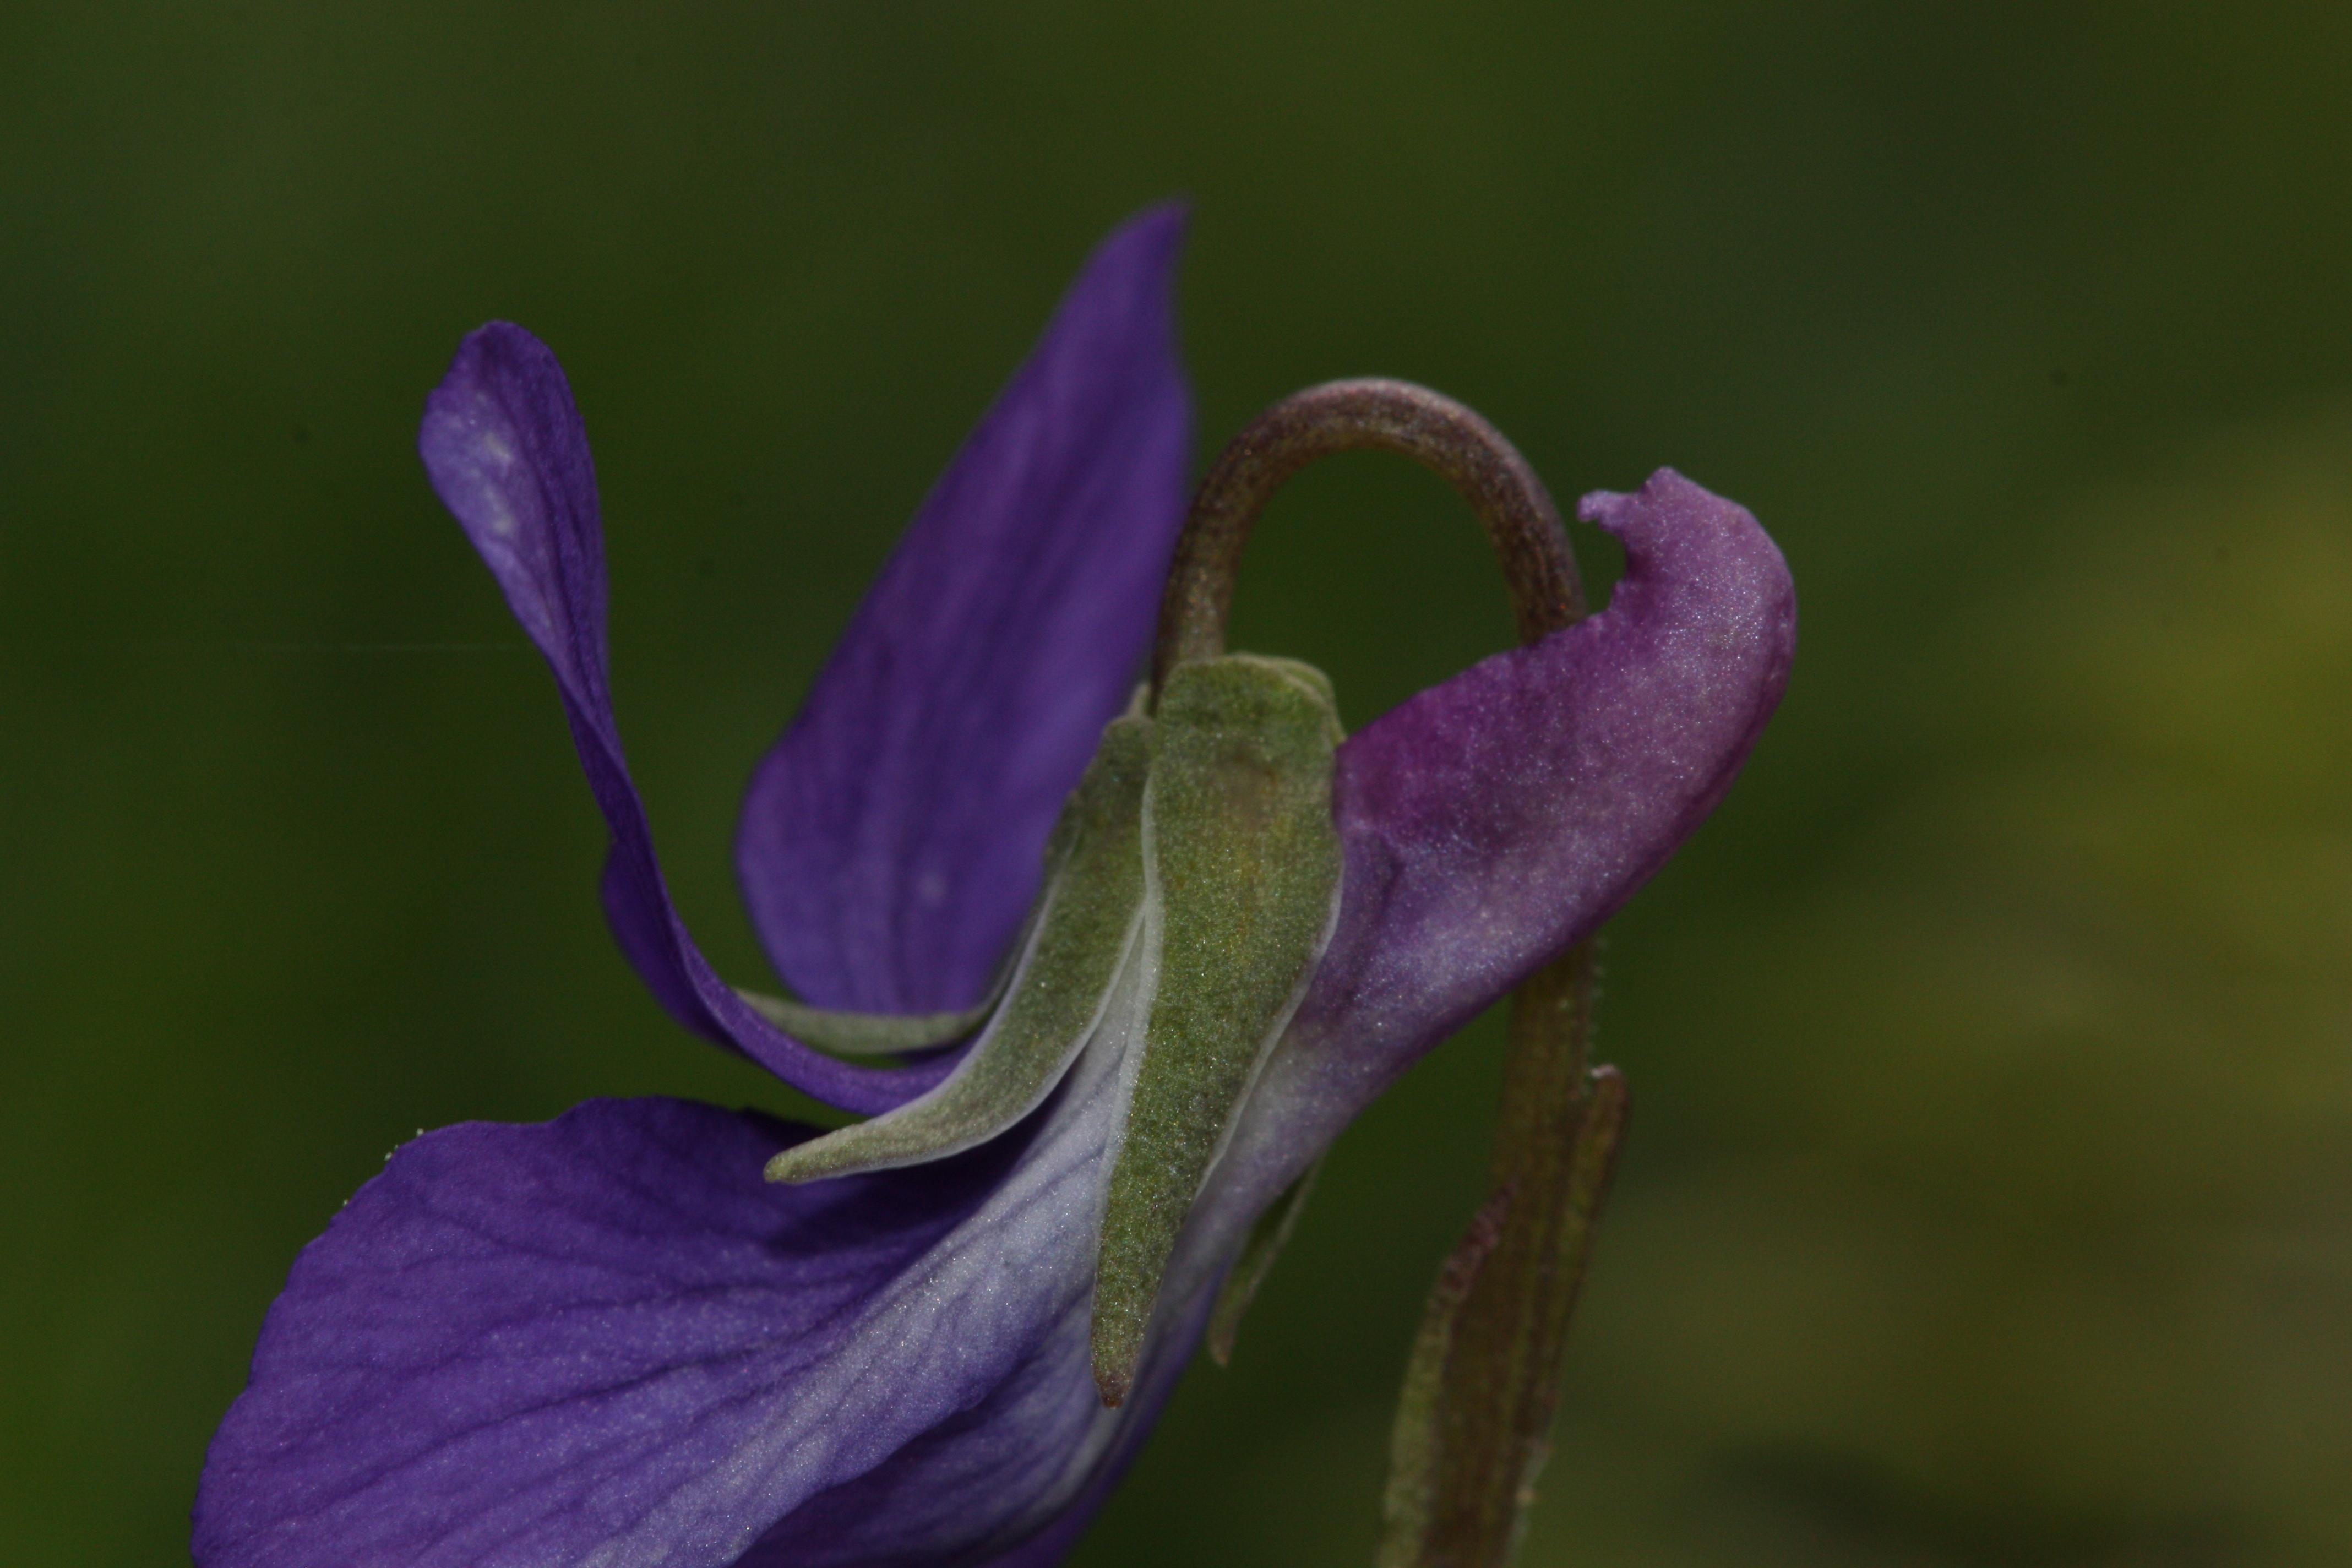 Image of hookedspur violet